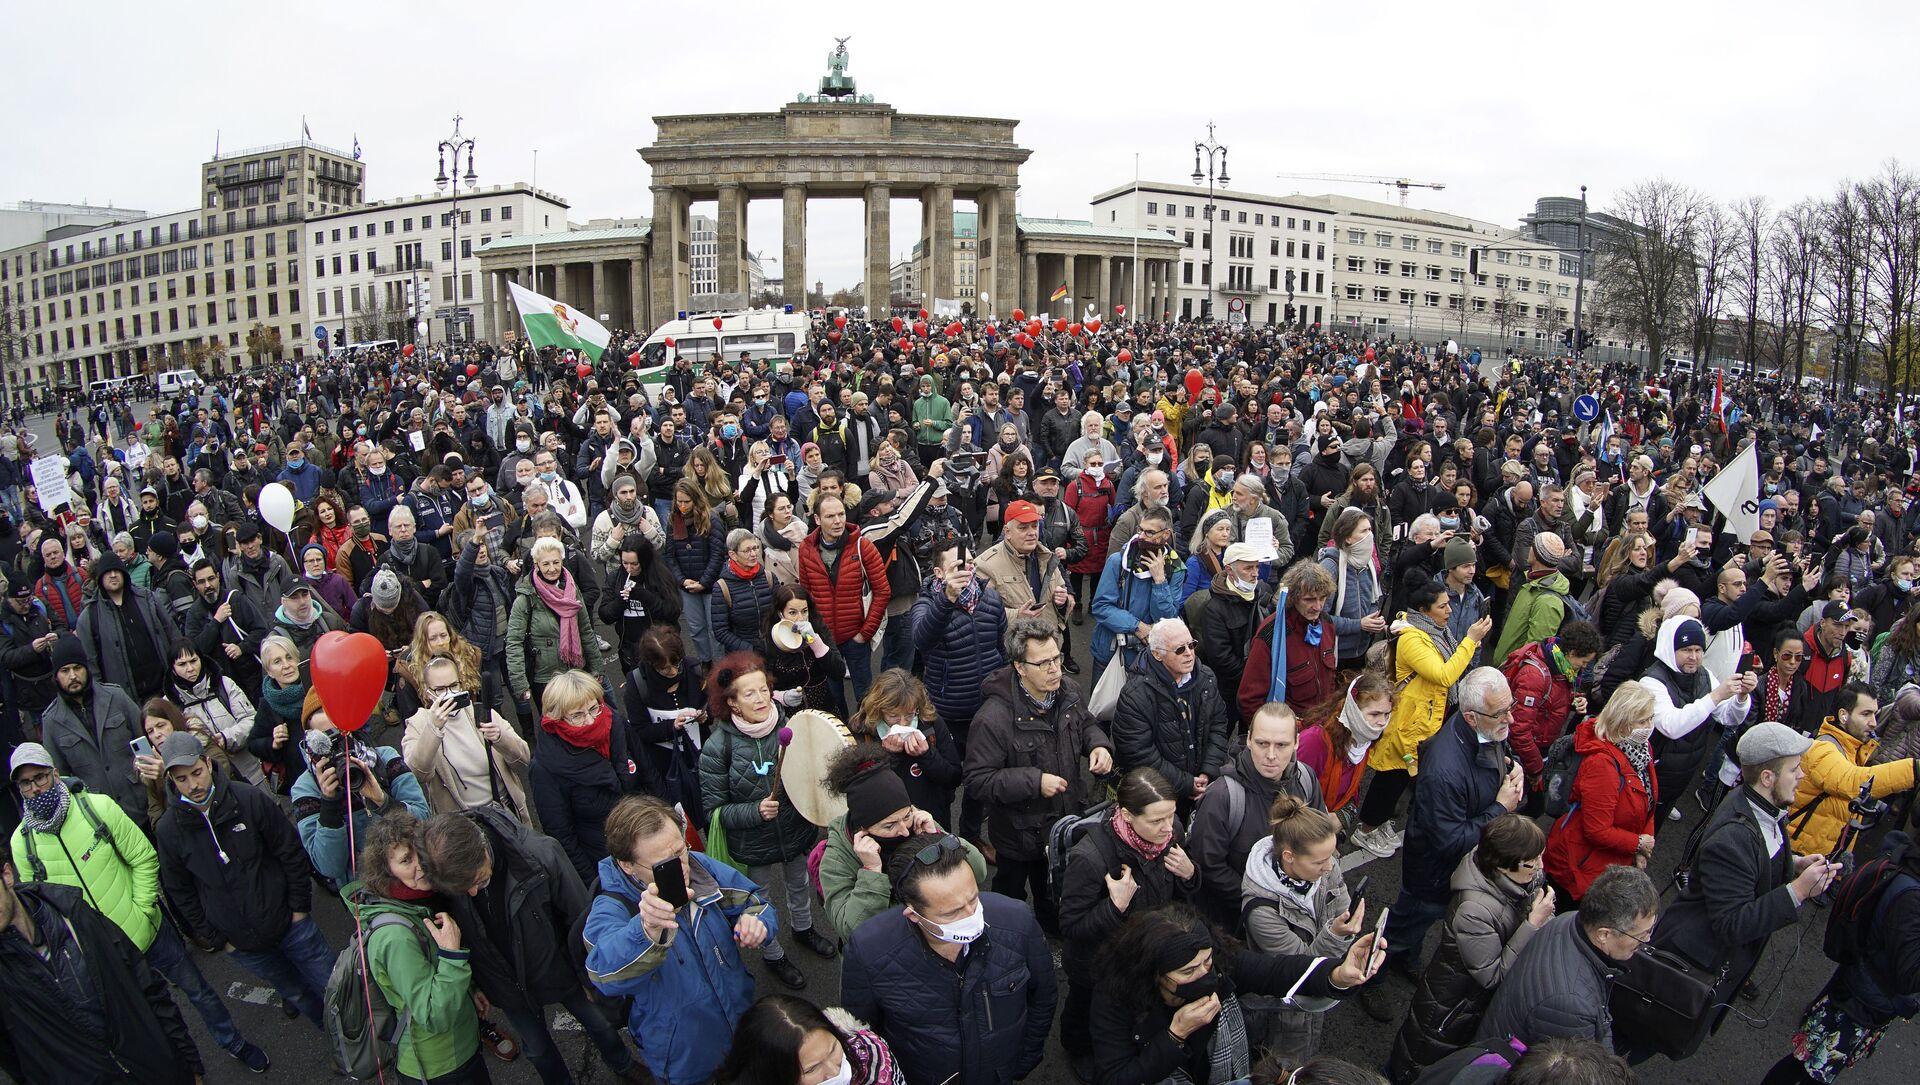 Cuộc bạo loạn chống lại các hạn chế COVID ở trung tâm Berlin, Đức - Sputnik Việt Nam, 1920, 26.09.2021